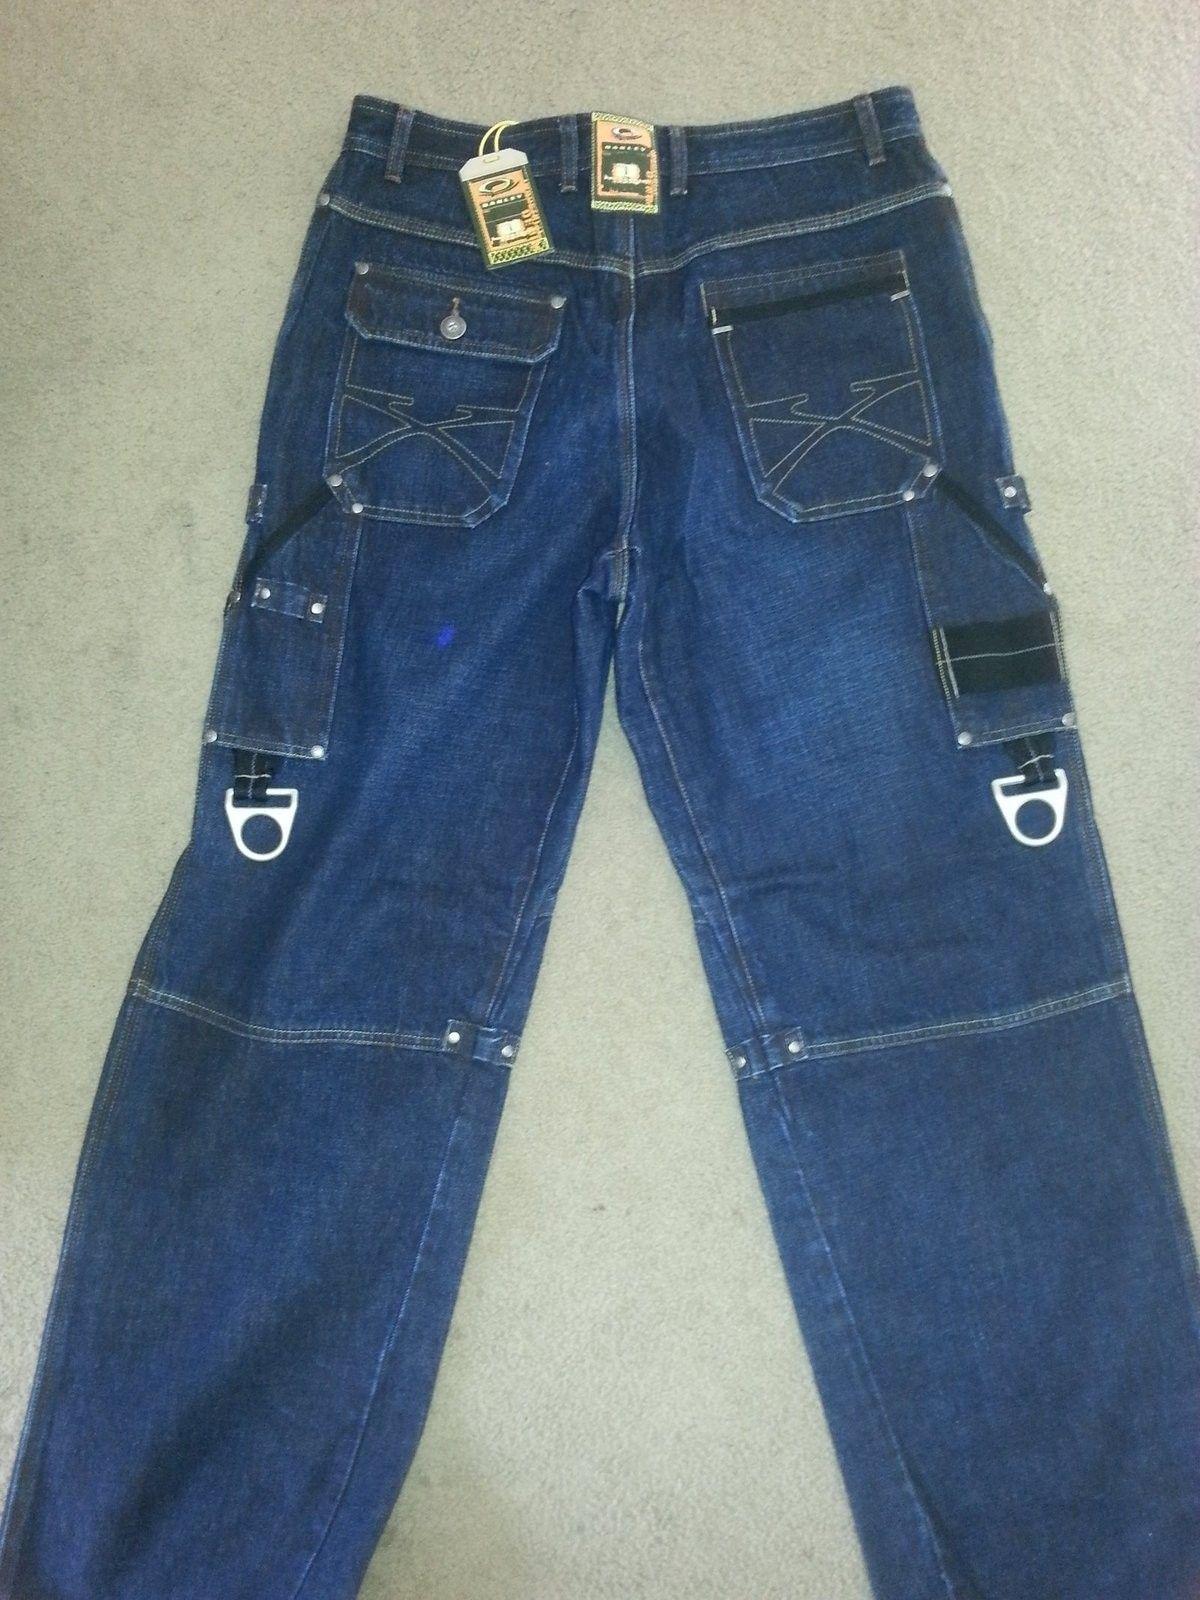 X-Metal industrial jeans. - 20150110_115253.jpg